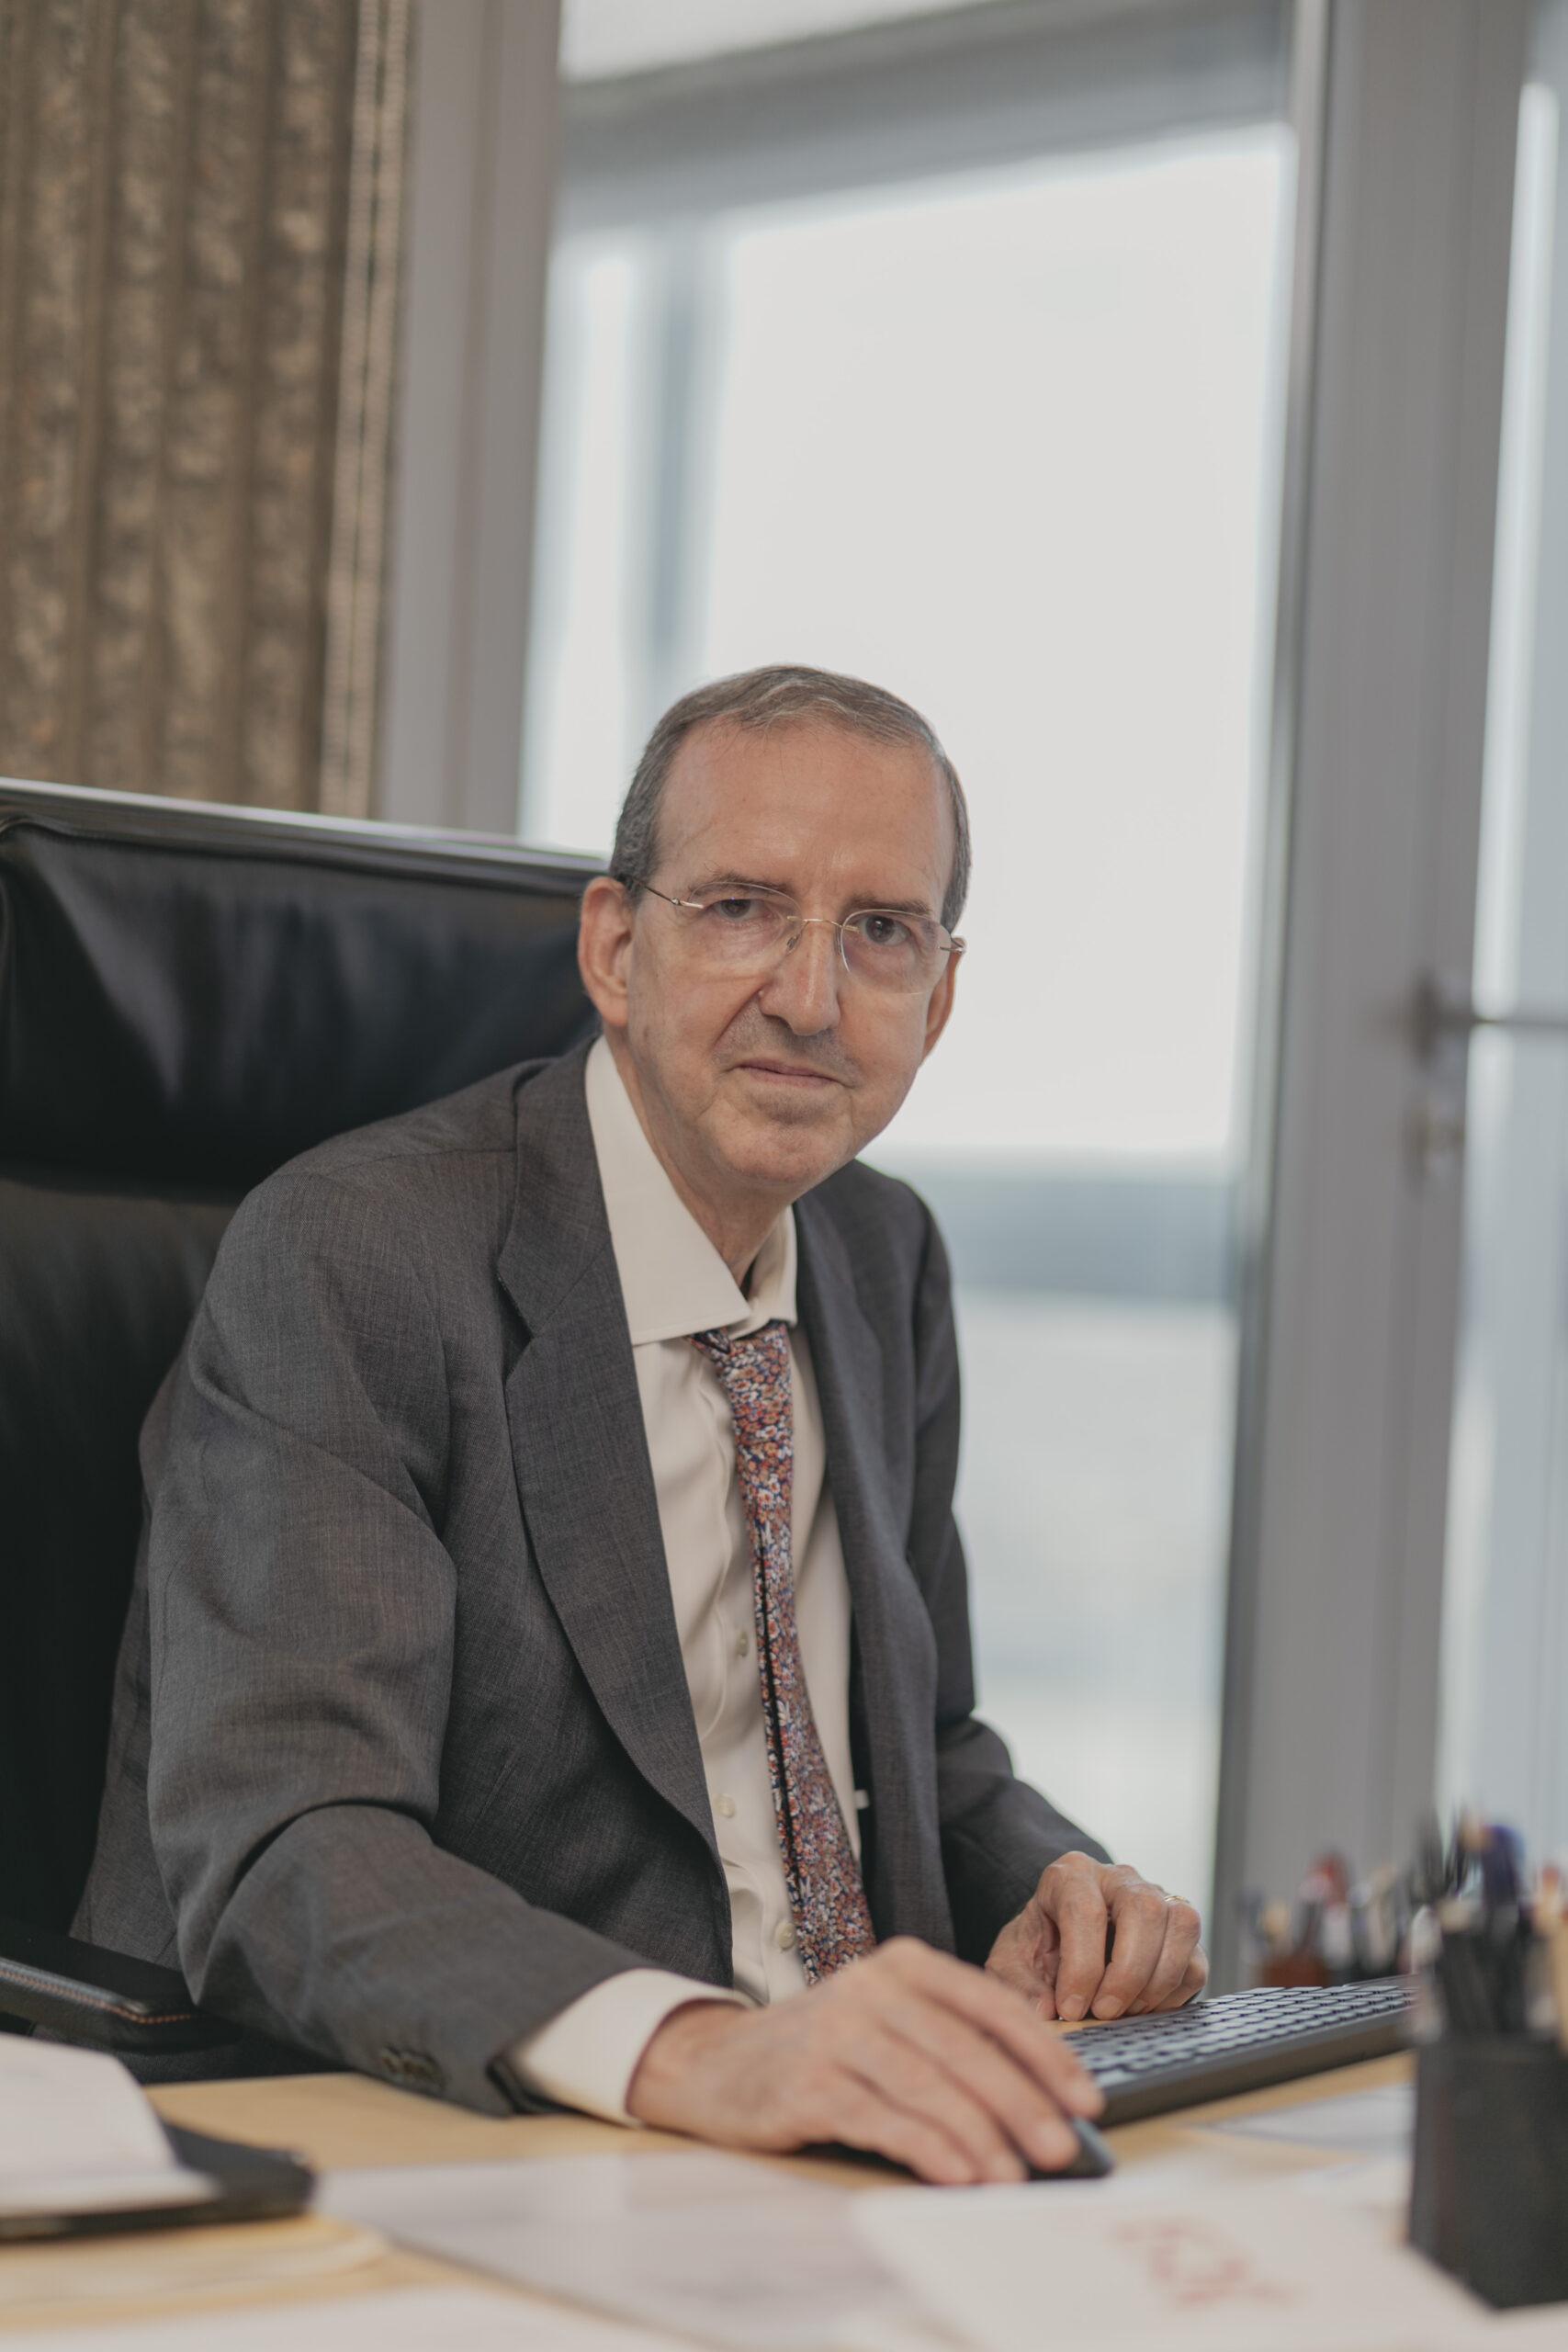 Francisco-Aparicio-Valls